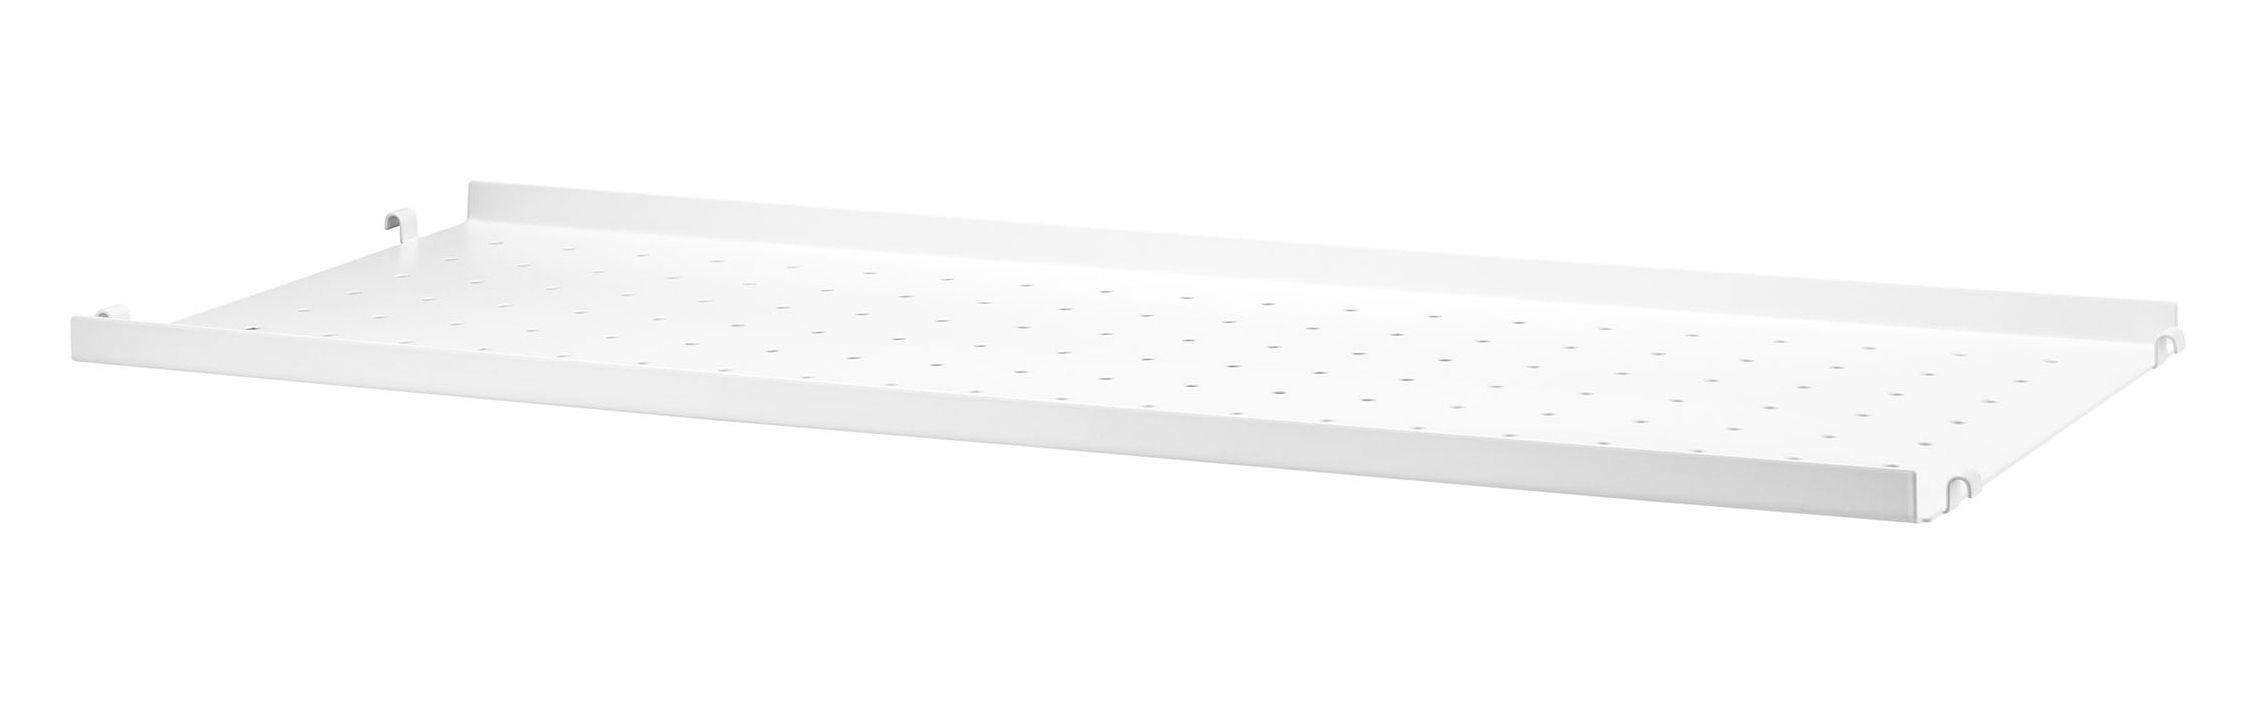 Möbel - Regale und Bücherregale - String System Regal / Lochblech, flacher Rand - L 78 cm x T 30 cm - String Furniture - L 78 cm / weiß - lackiertes Metall